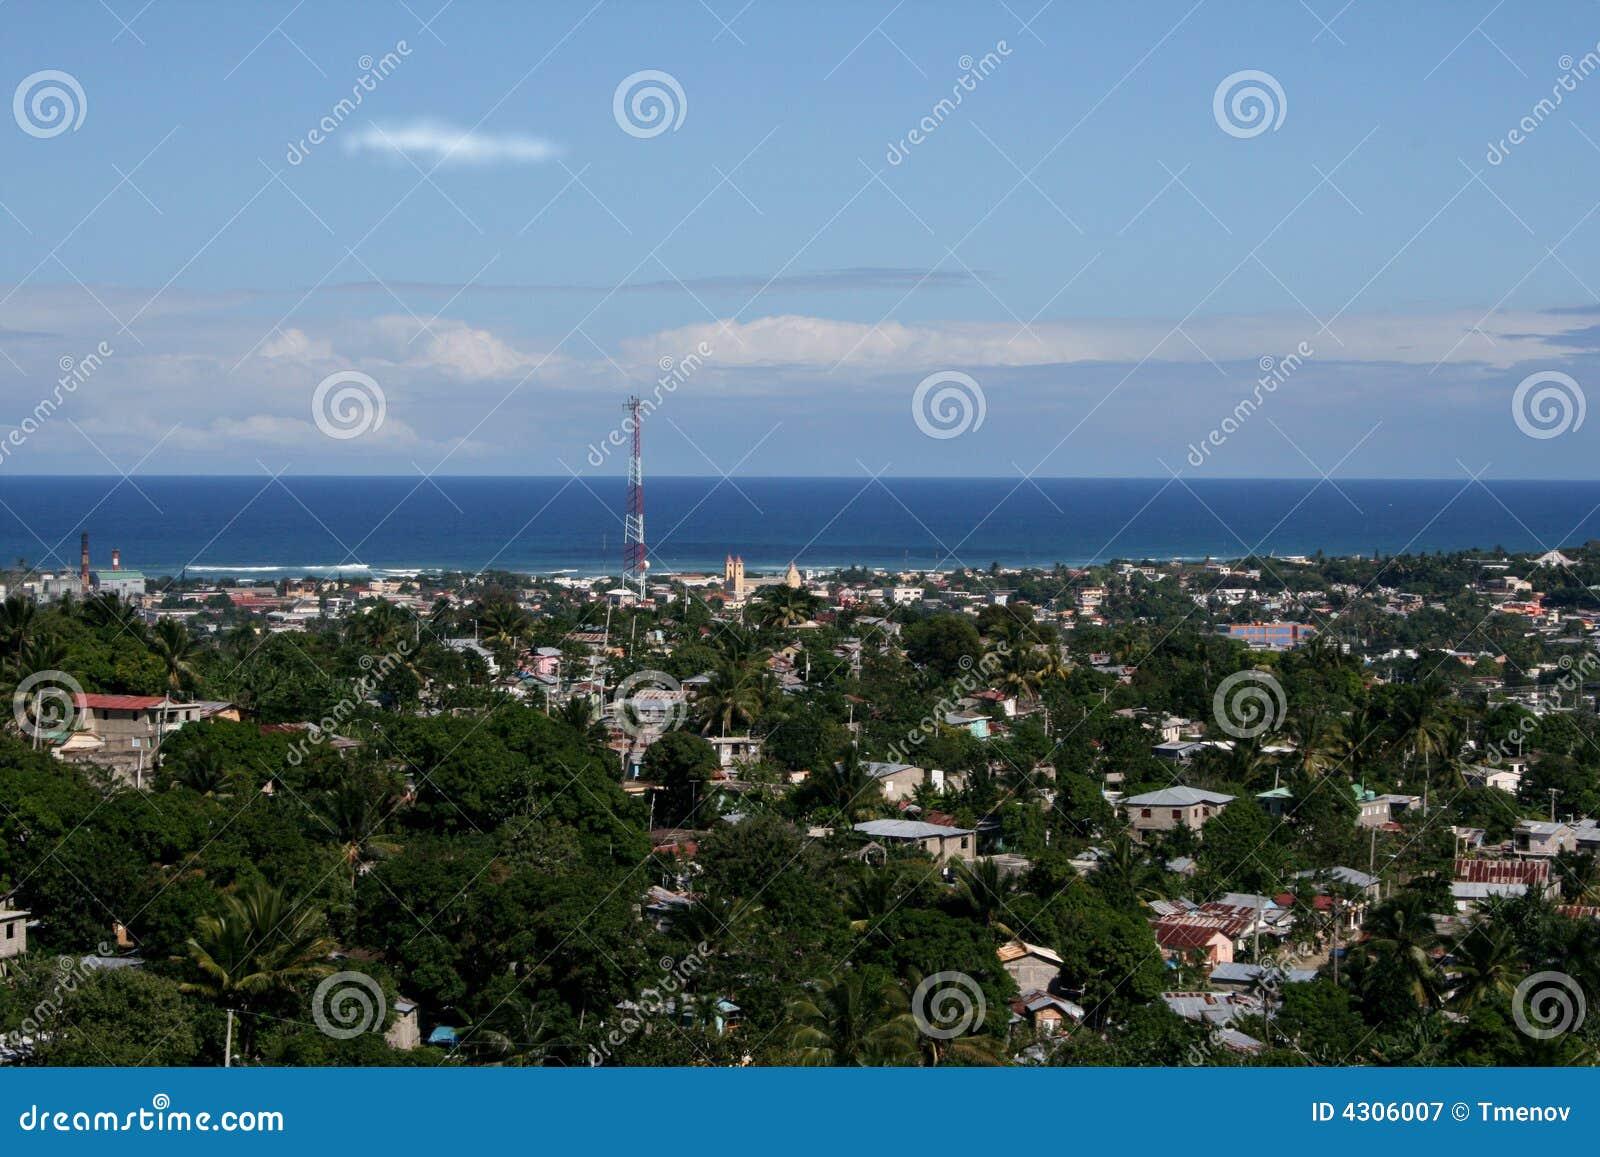 多米尼加共和国的柏拉图puerto共和国